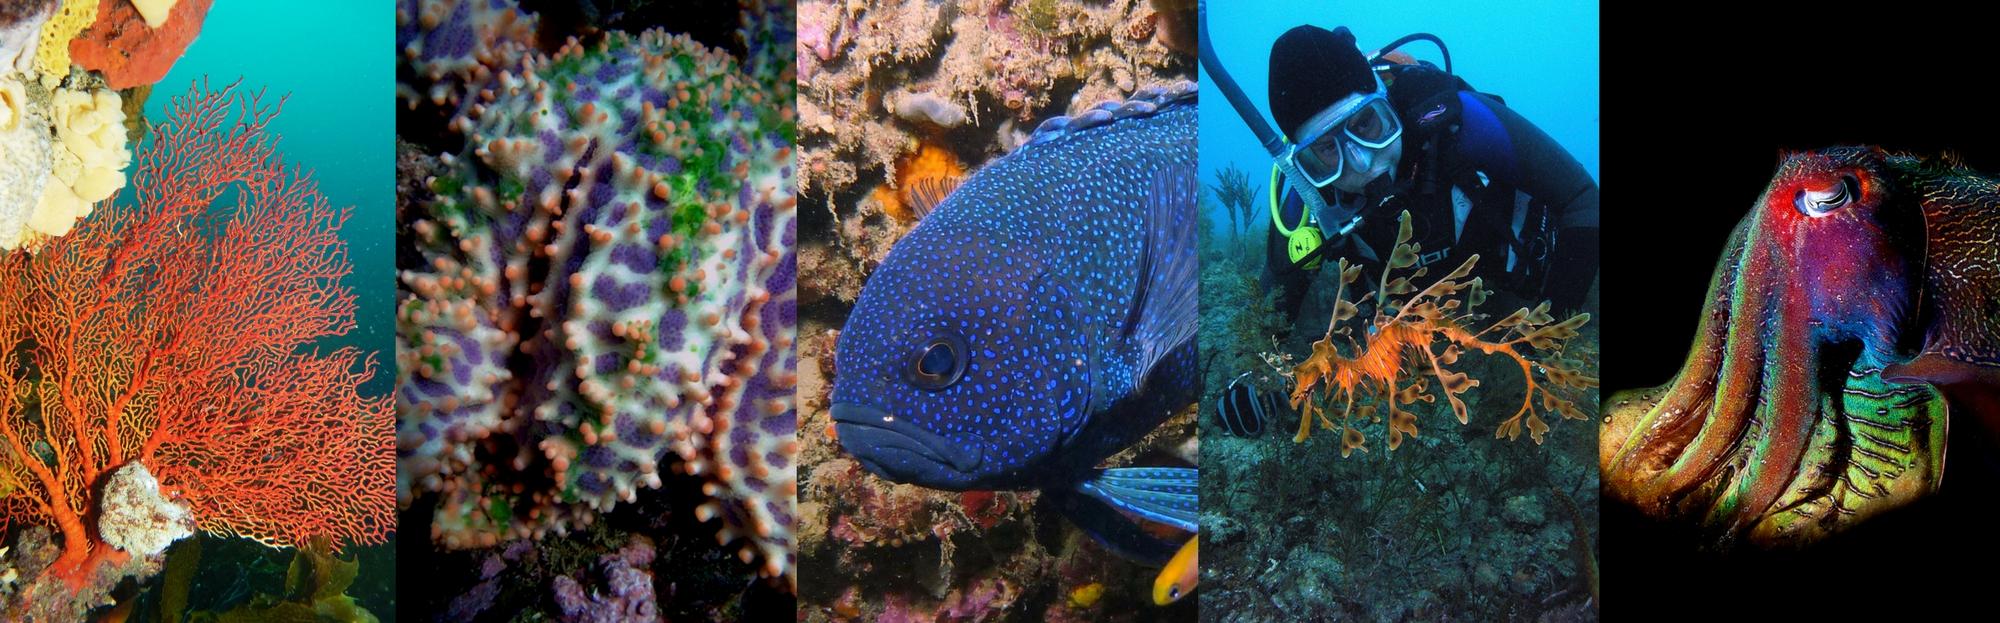 Reef_Watch_turns_20!(1).jpg